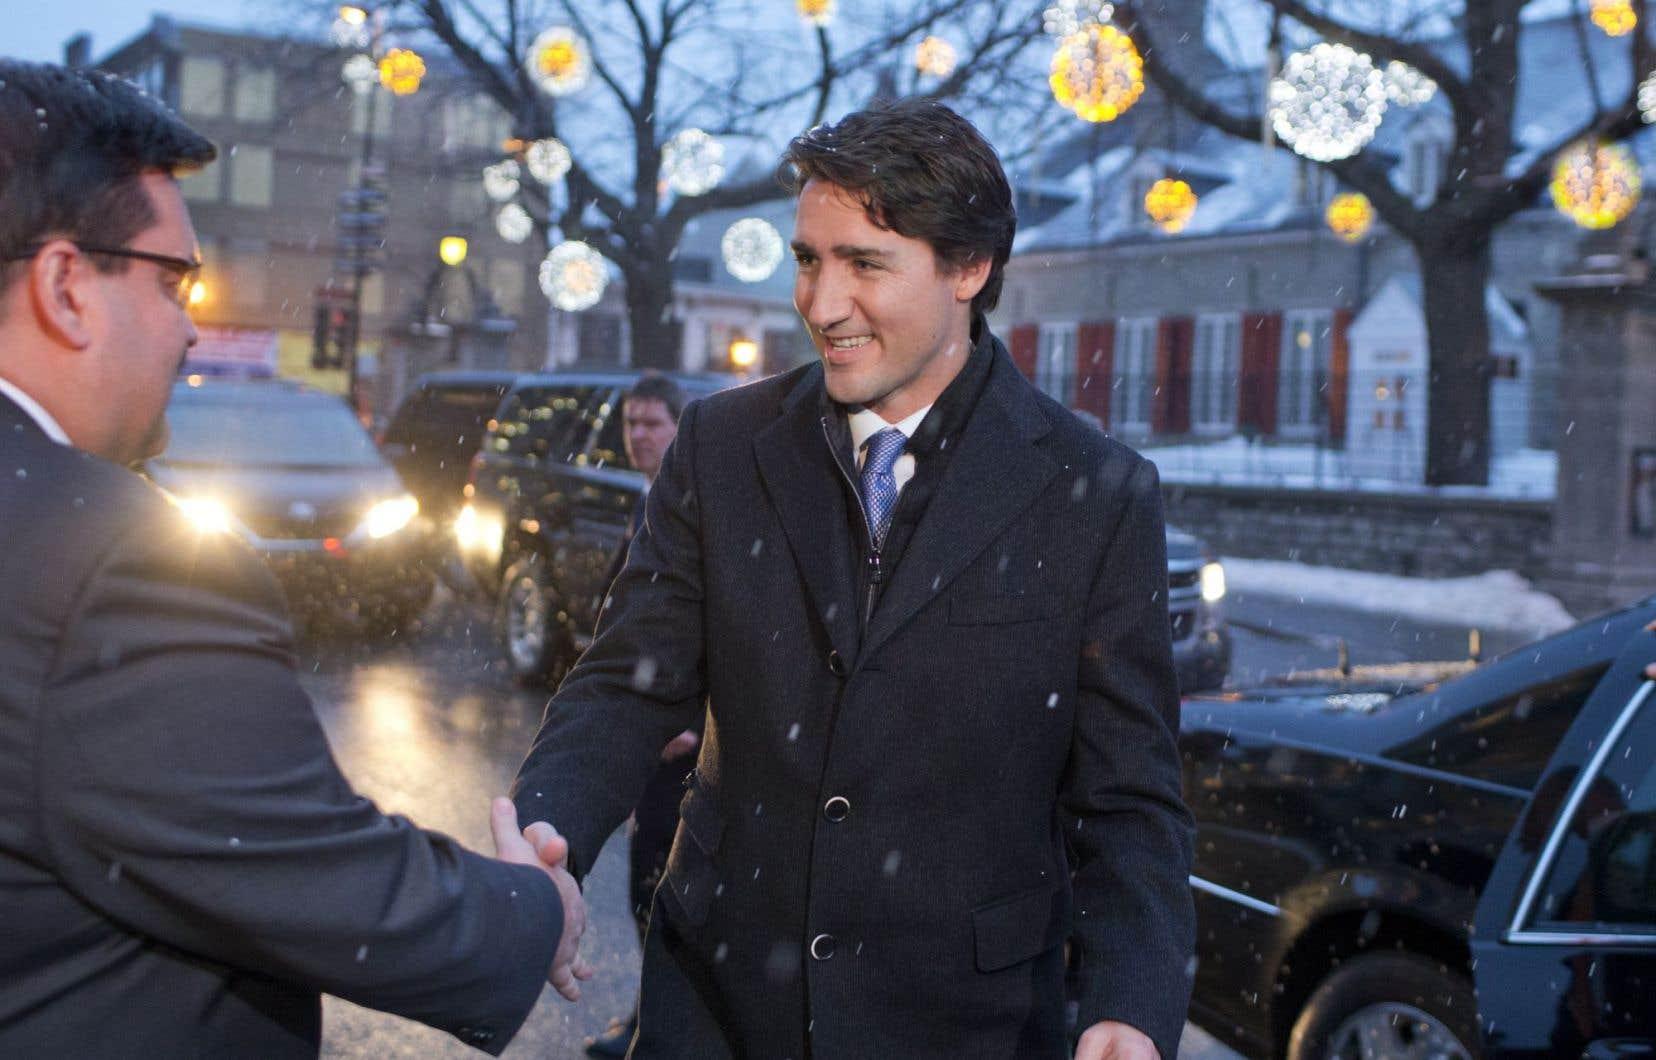 Justin Trudeau et Denis Coderre ont rencontré la presse ensemble, mardi matin à l'hôtel de ville de Montréal, après leur tête-à-tête, qui a duré environ 40 minutes.